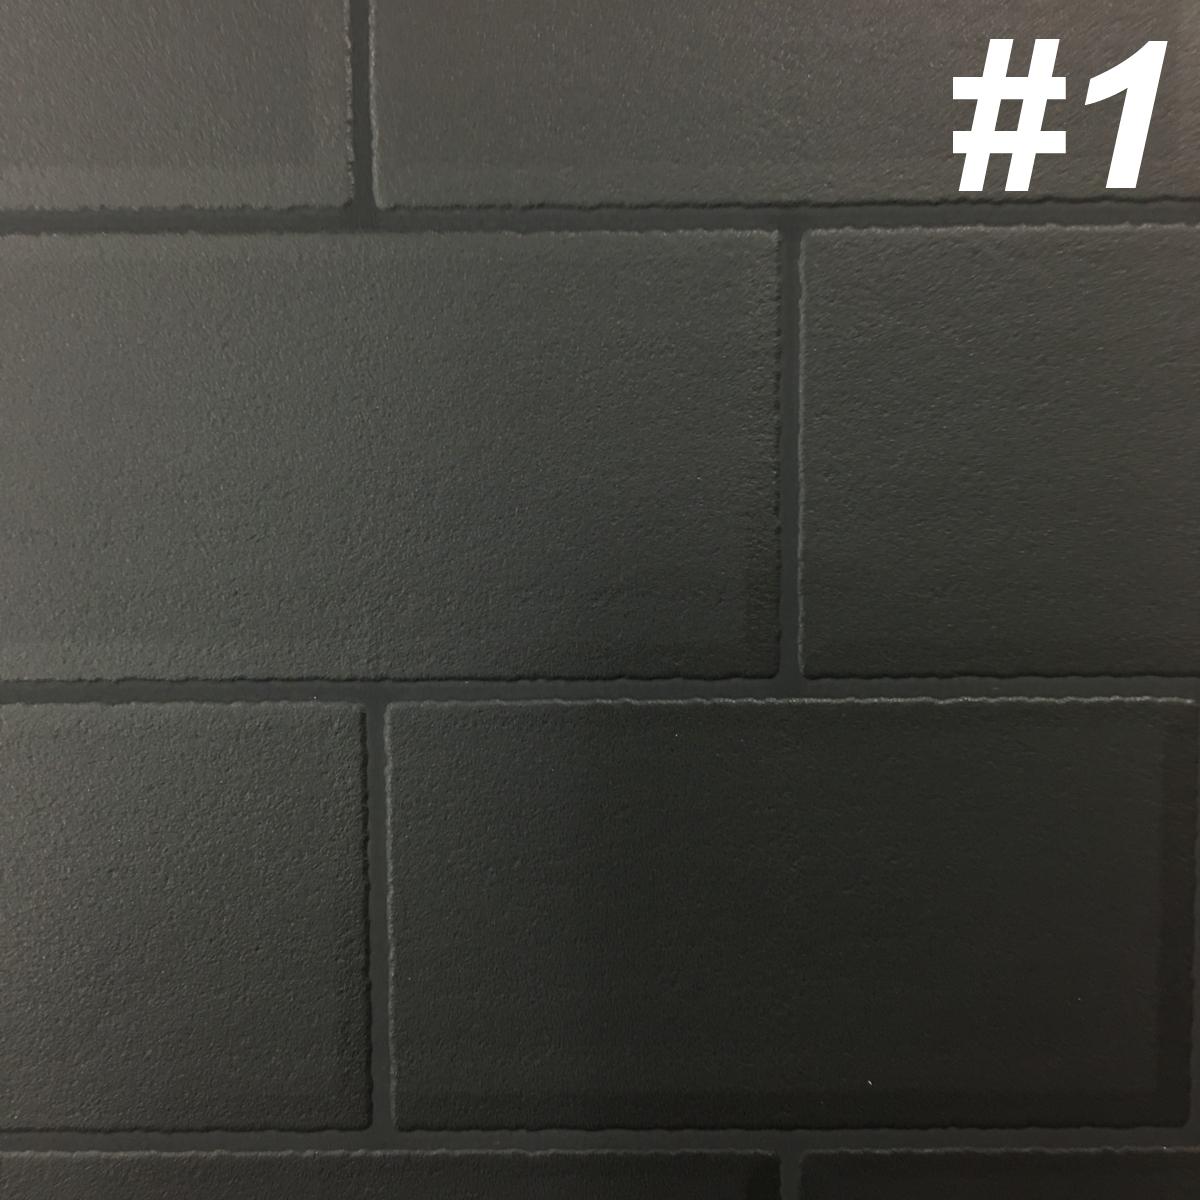 【黒部屋シリーズ】黒色壁紙クロス4種ブラックウォールペーパー_画像3